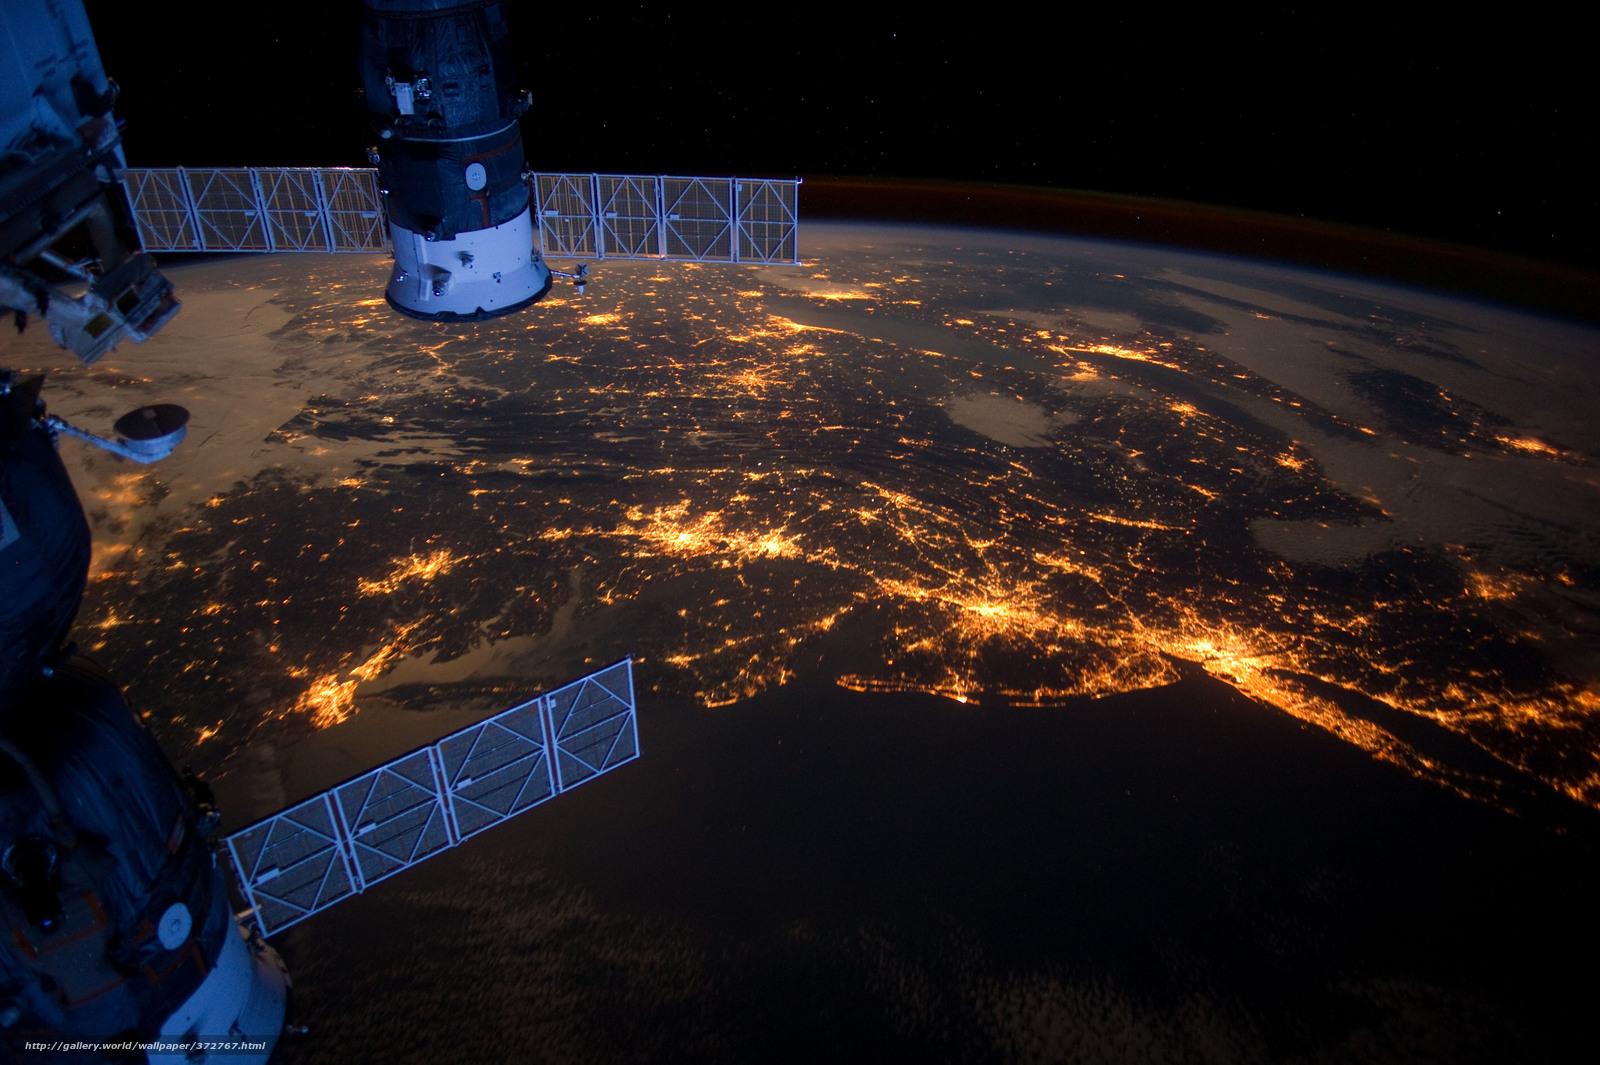 Скачать на телефон обои фото картинку на тему МКС, Союз, Прогресс, Северная Америка, океан, Атлантика, города, Бостон, Филадельфия, Питсбург, огни, разширение 4256x2832